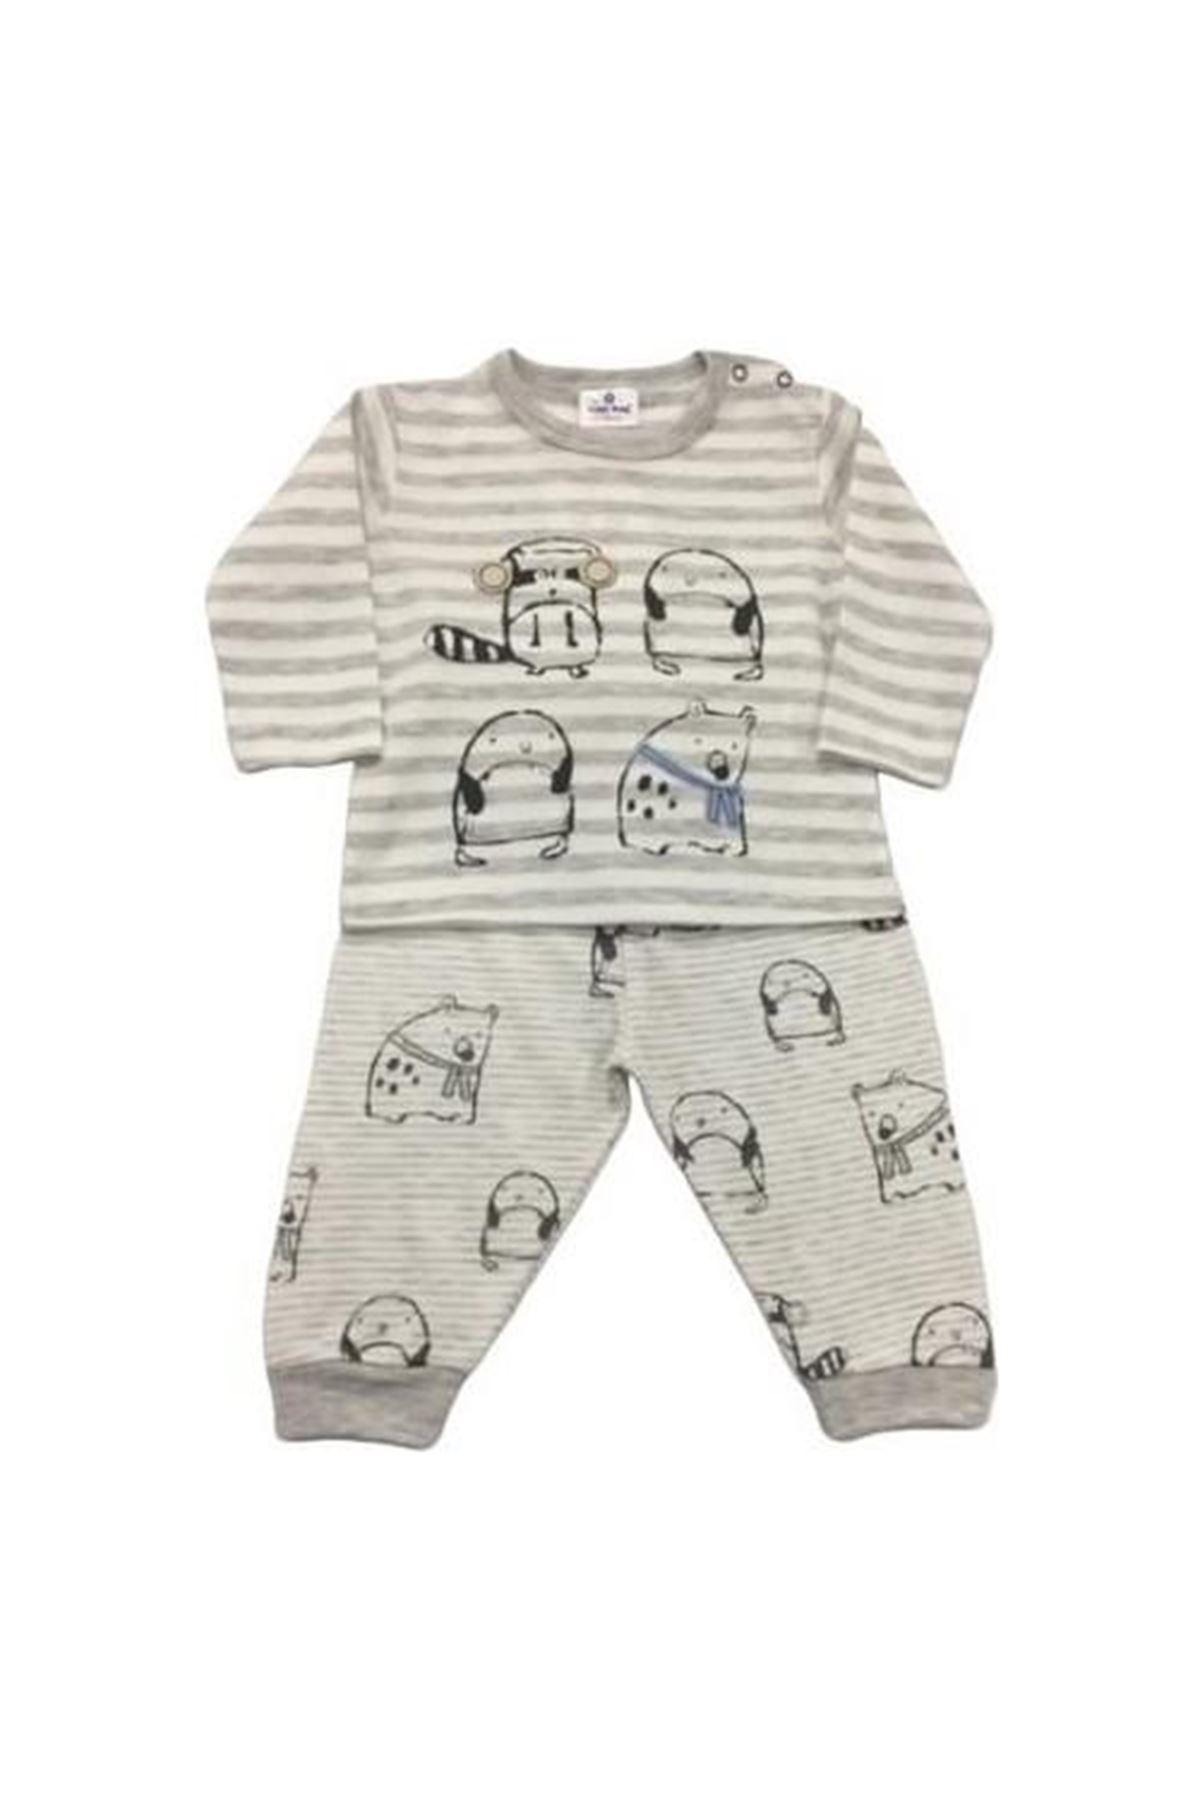 Luggi Baby Polar Animals 2li Bebek Takım Çizgili LG-4541 Karışık Renkli